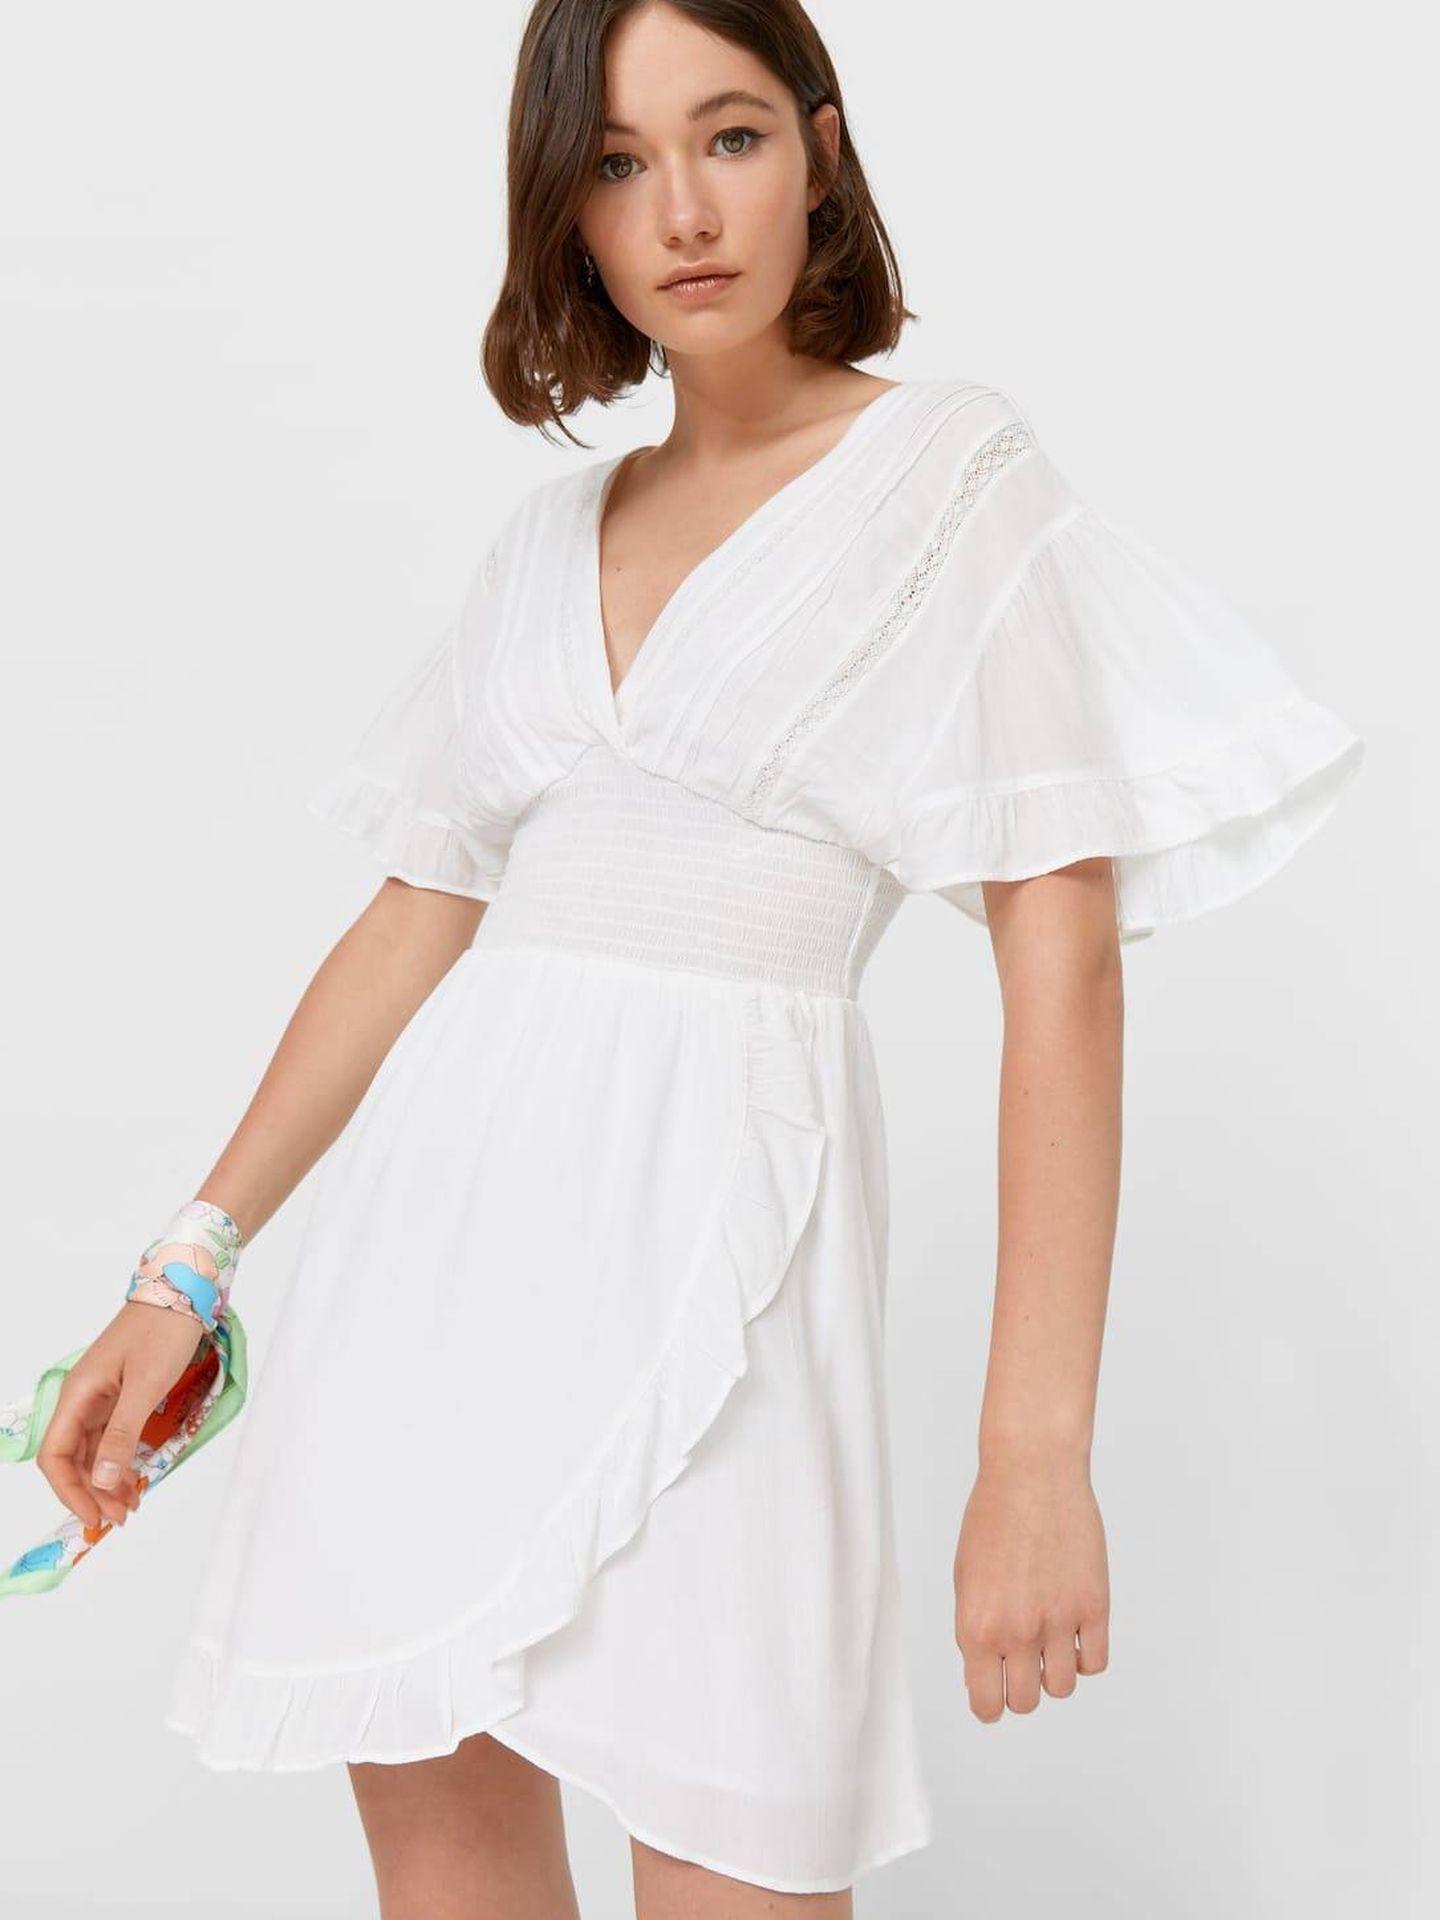 Vestido blanco de Stradivarius. (Cortesía)